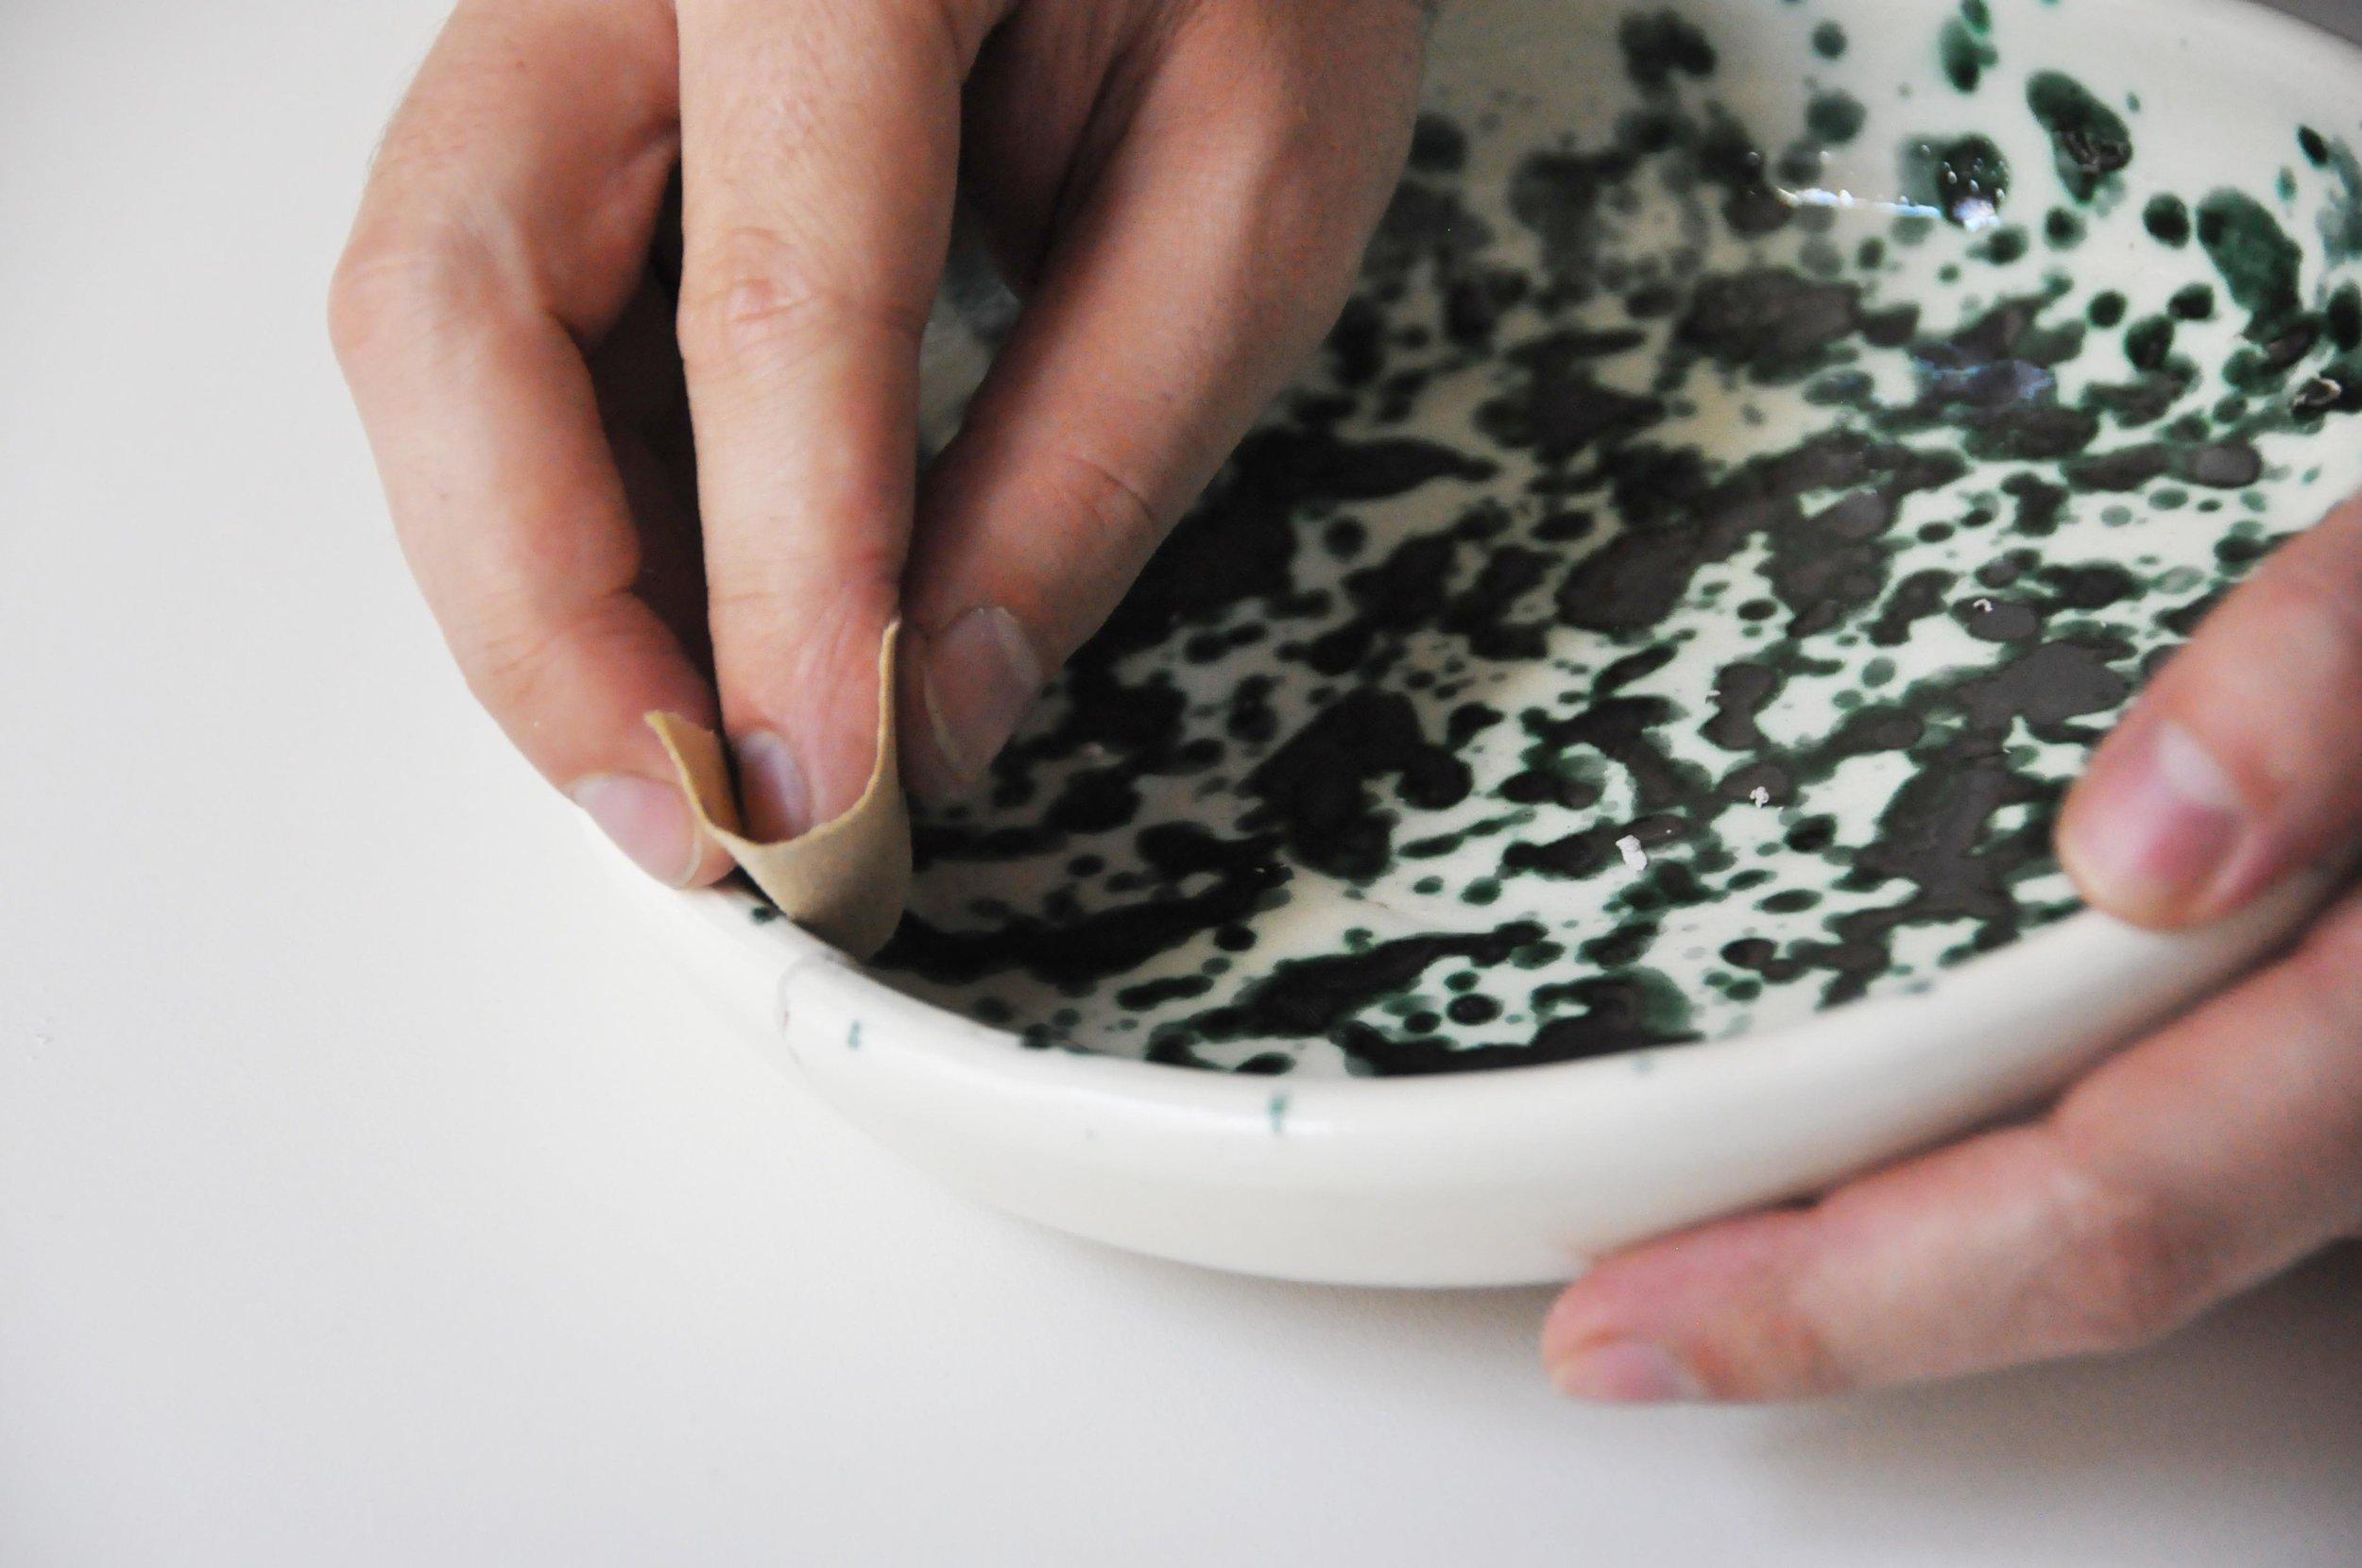 Etape 4 : Une fois la pâte sèche, poncer à l'aide d'un papier de verre très fin afin d'obtenir une surface lisse